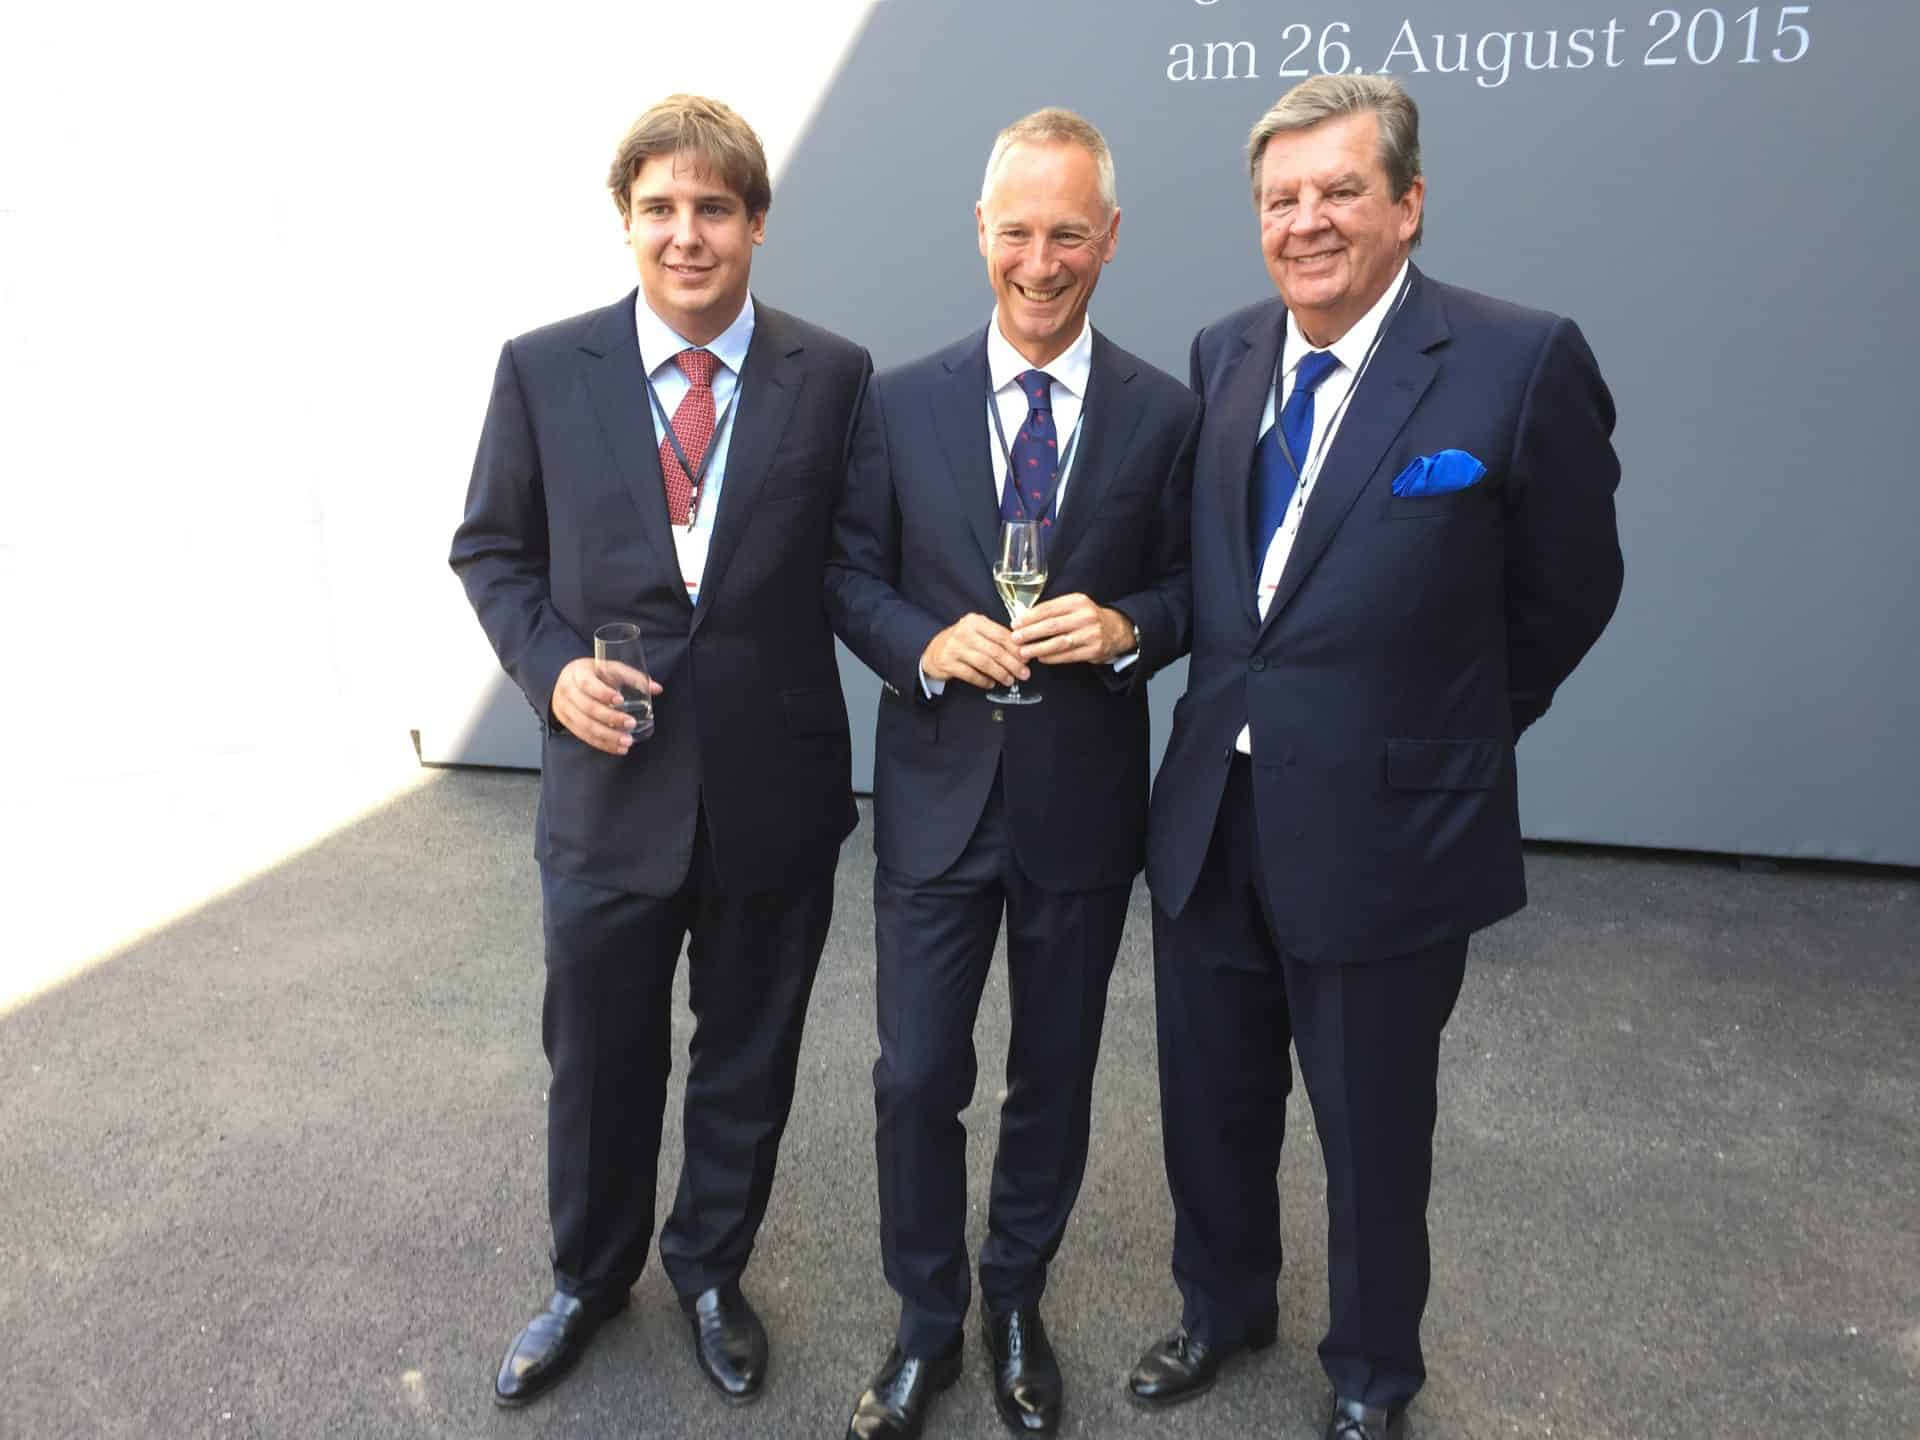 v. l. n. r.: Anton Rupert, Lange & Söhne,  CEO Wilhelm Schmid und Chairman Johann Rupert